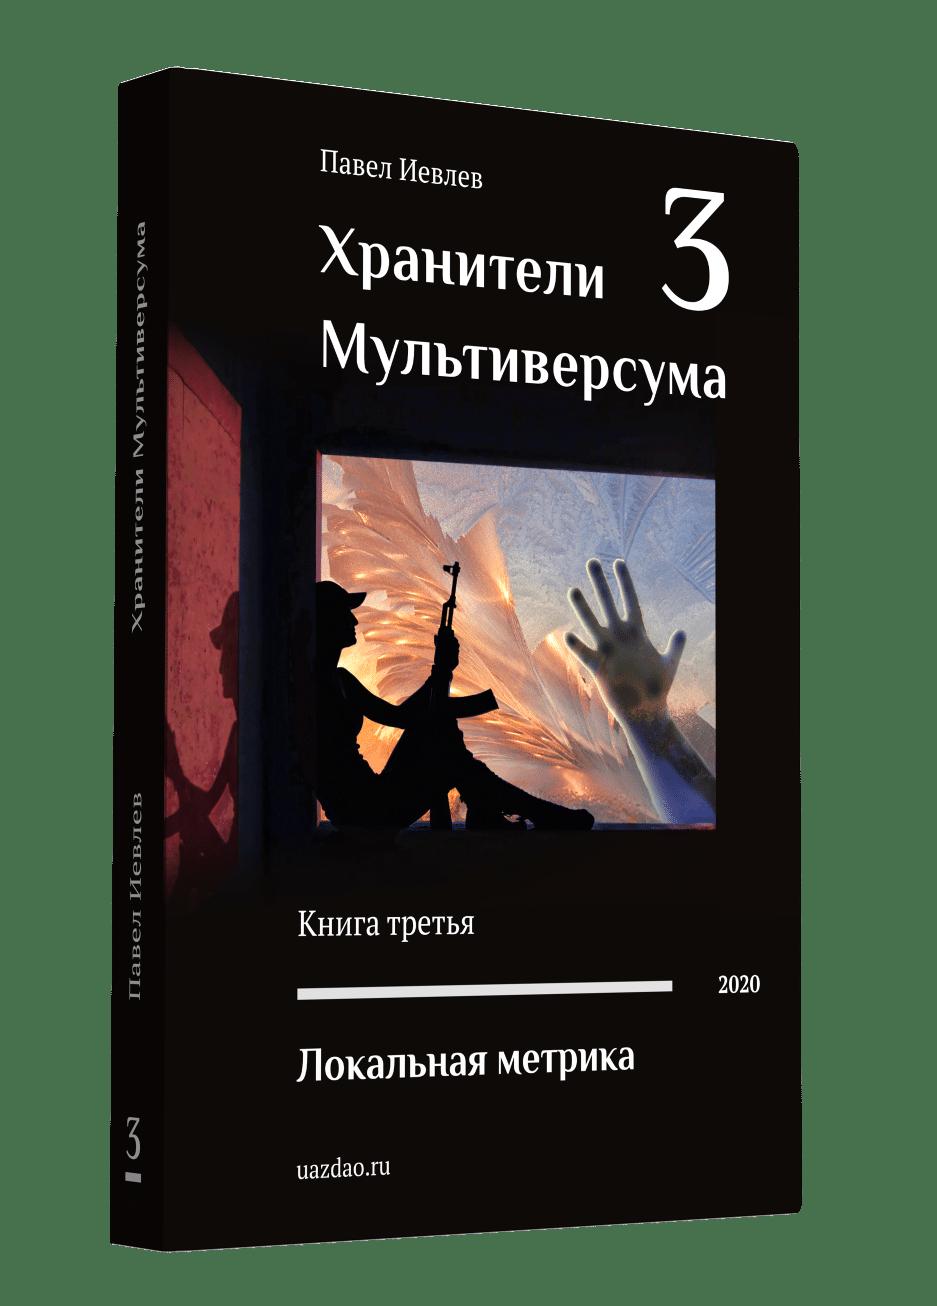 Локальная метрика — роман Павла Иевлева